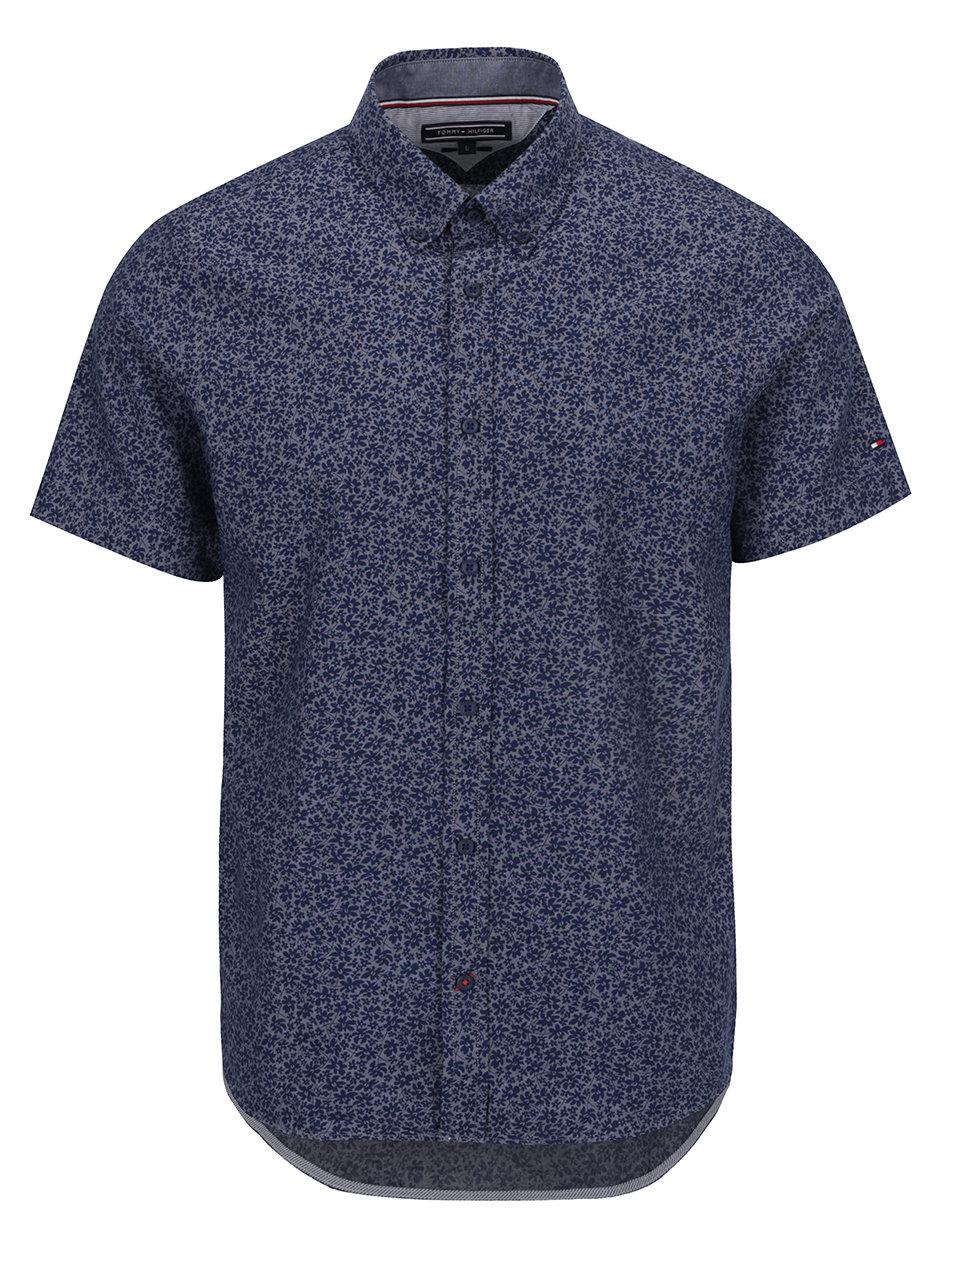 0ac90eb6e655 Tmavomodrá pánska vzorovaná košeľa s krátkym rukávom Tommy Hilfiger ...